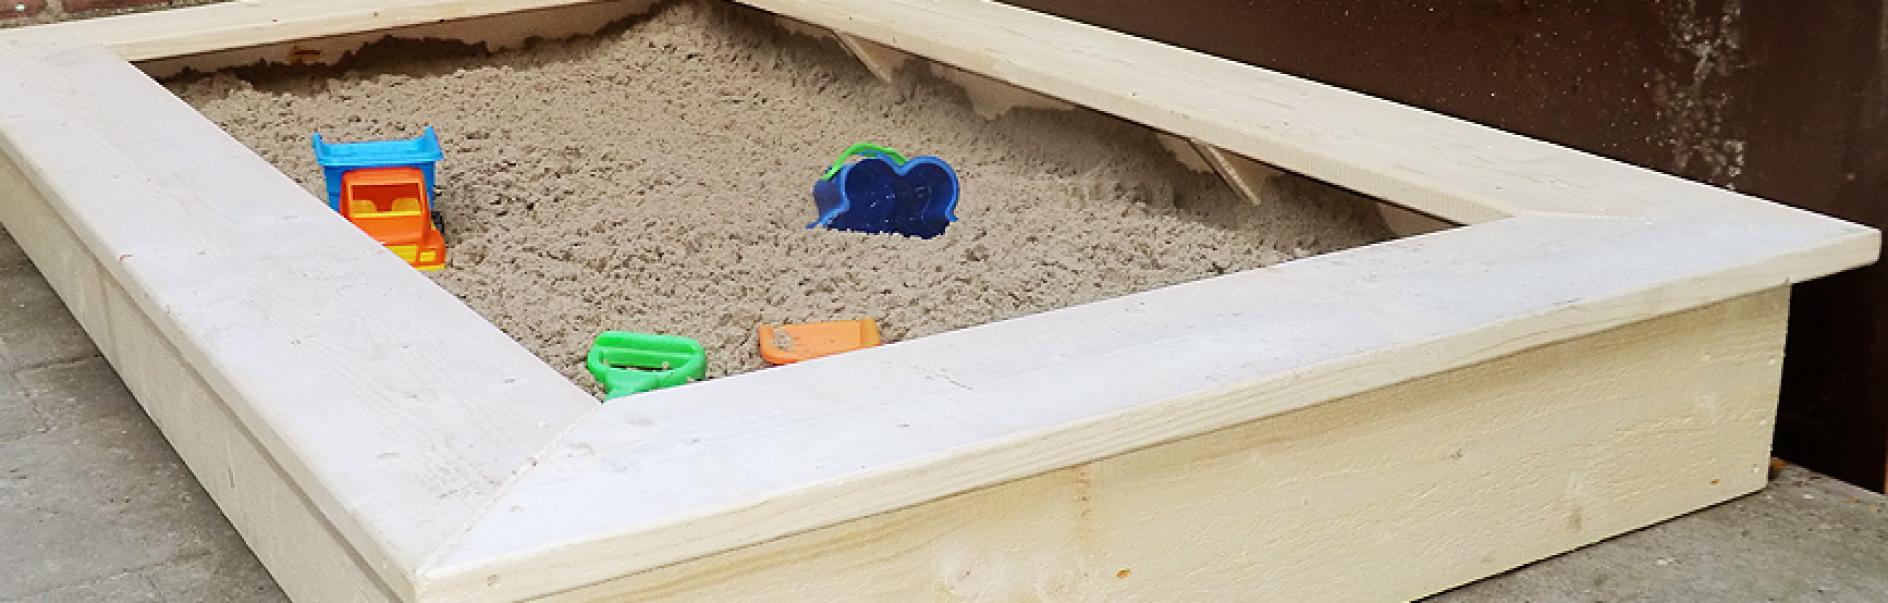 Einen Sandkasten Bauen